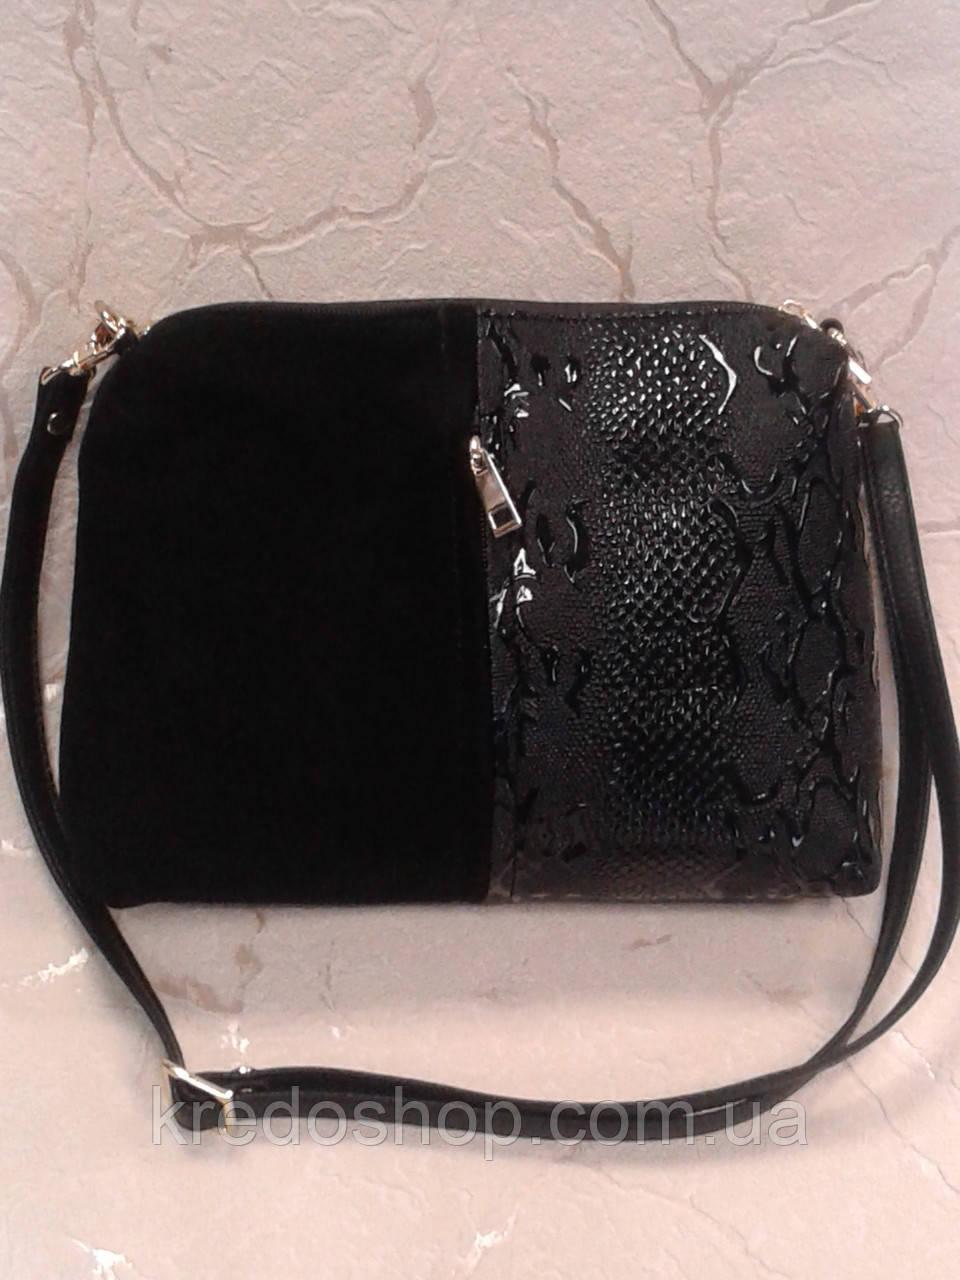 8e006f0847fa Женская сумочка-клатч черная замшевая на плечо.: продажа, цена в ...